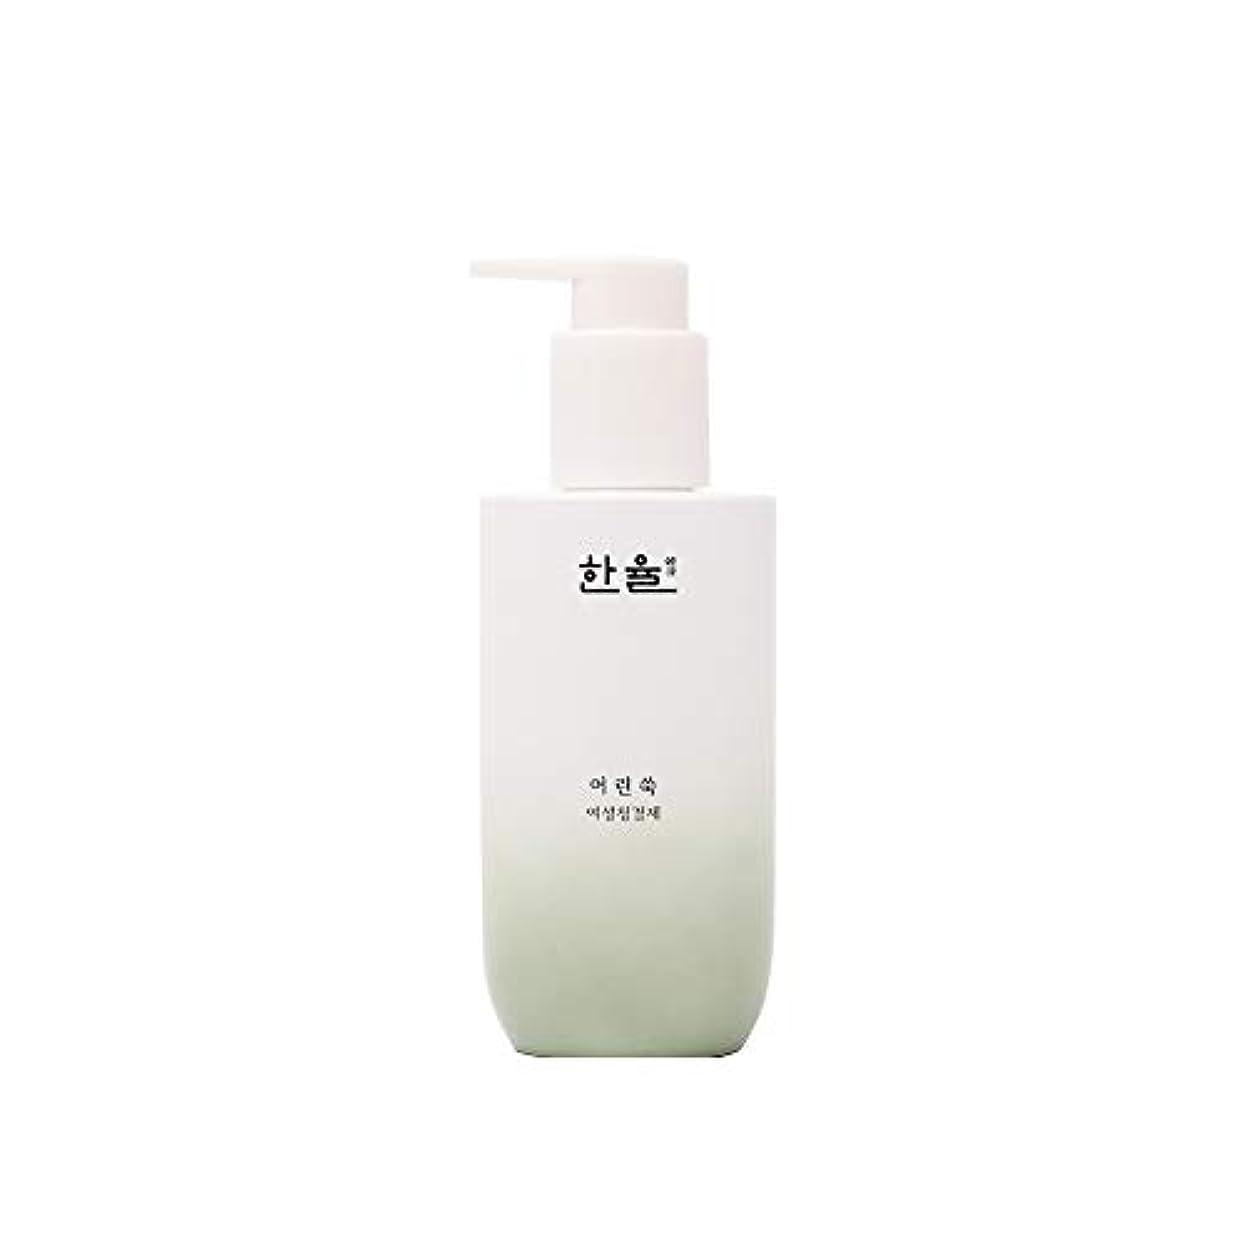 便利さ資本ネズミ【HANYUL公式】 ハンユル フェミニンケアジェル 200ml / Hanyul Pure Artemisia Feminine care gel 200ml